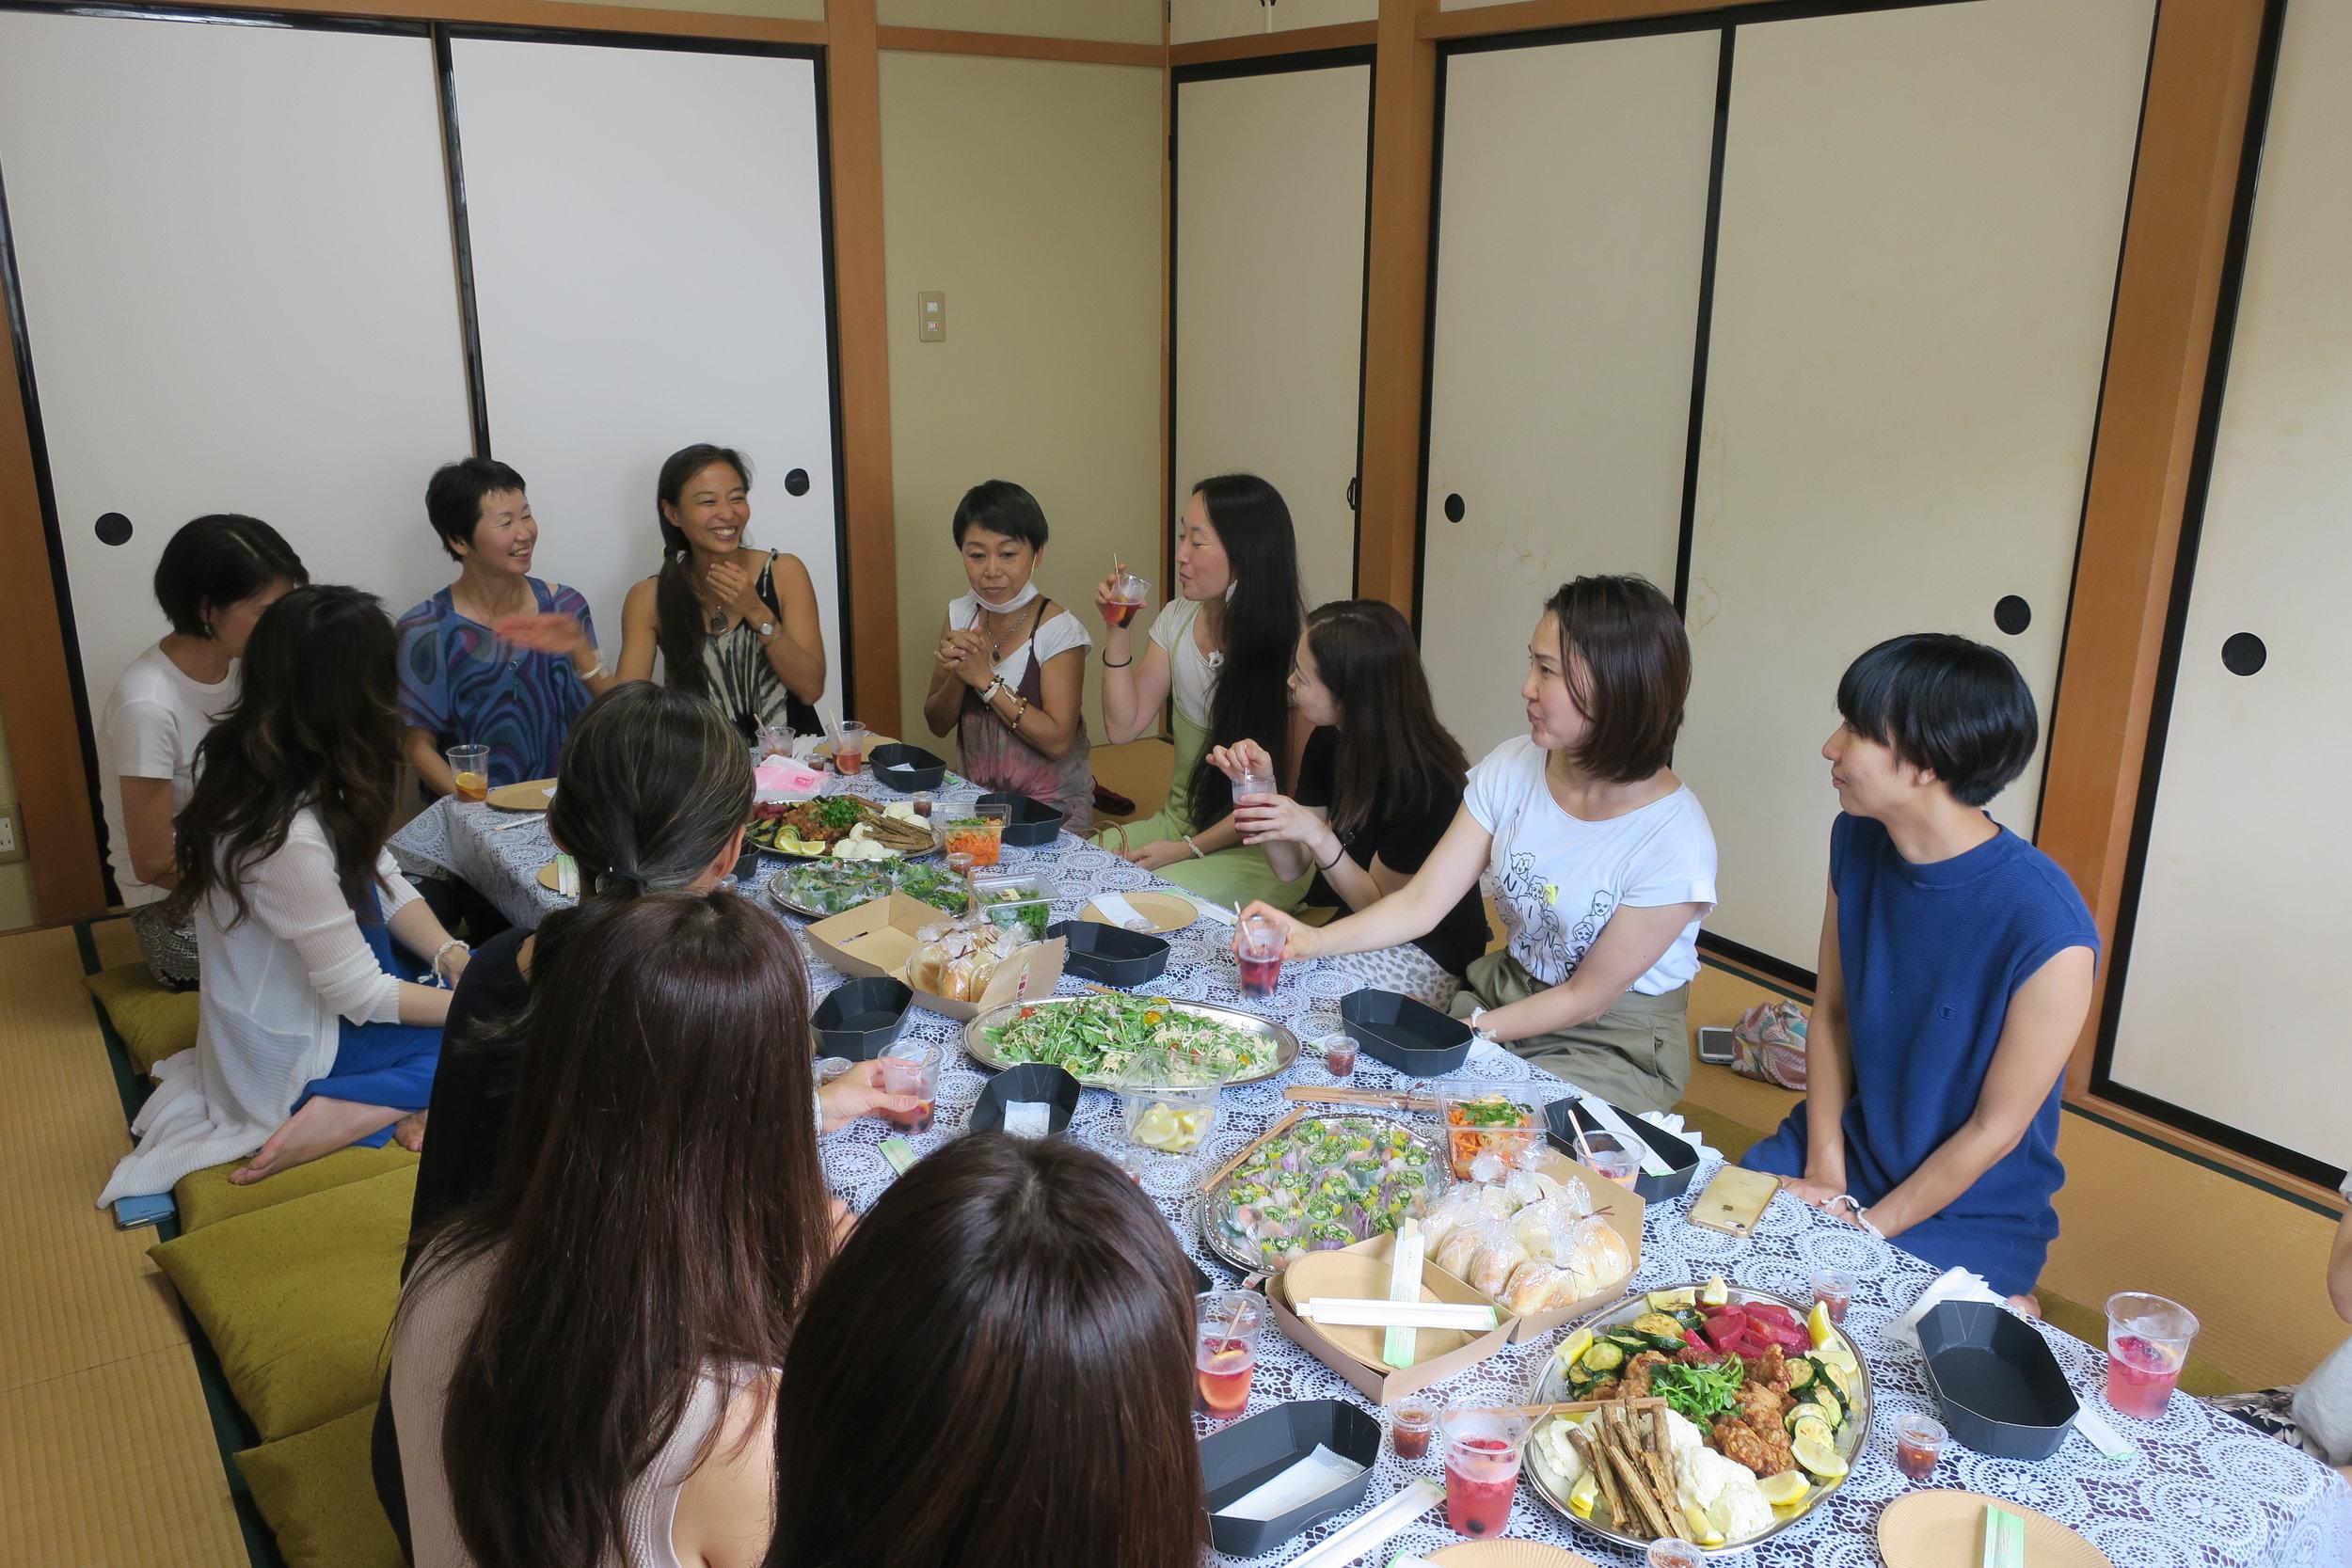 この日は、ガイドの安東裕美さんのあたたかな計らいもあり、セッション後は集まったみなさんと、楽しく美味しい、お祝い交流パーティーも実施しました。来てくださった方々、ありがとうございました!